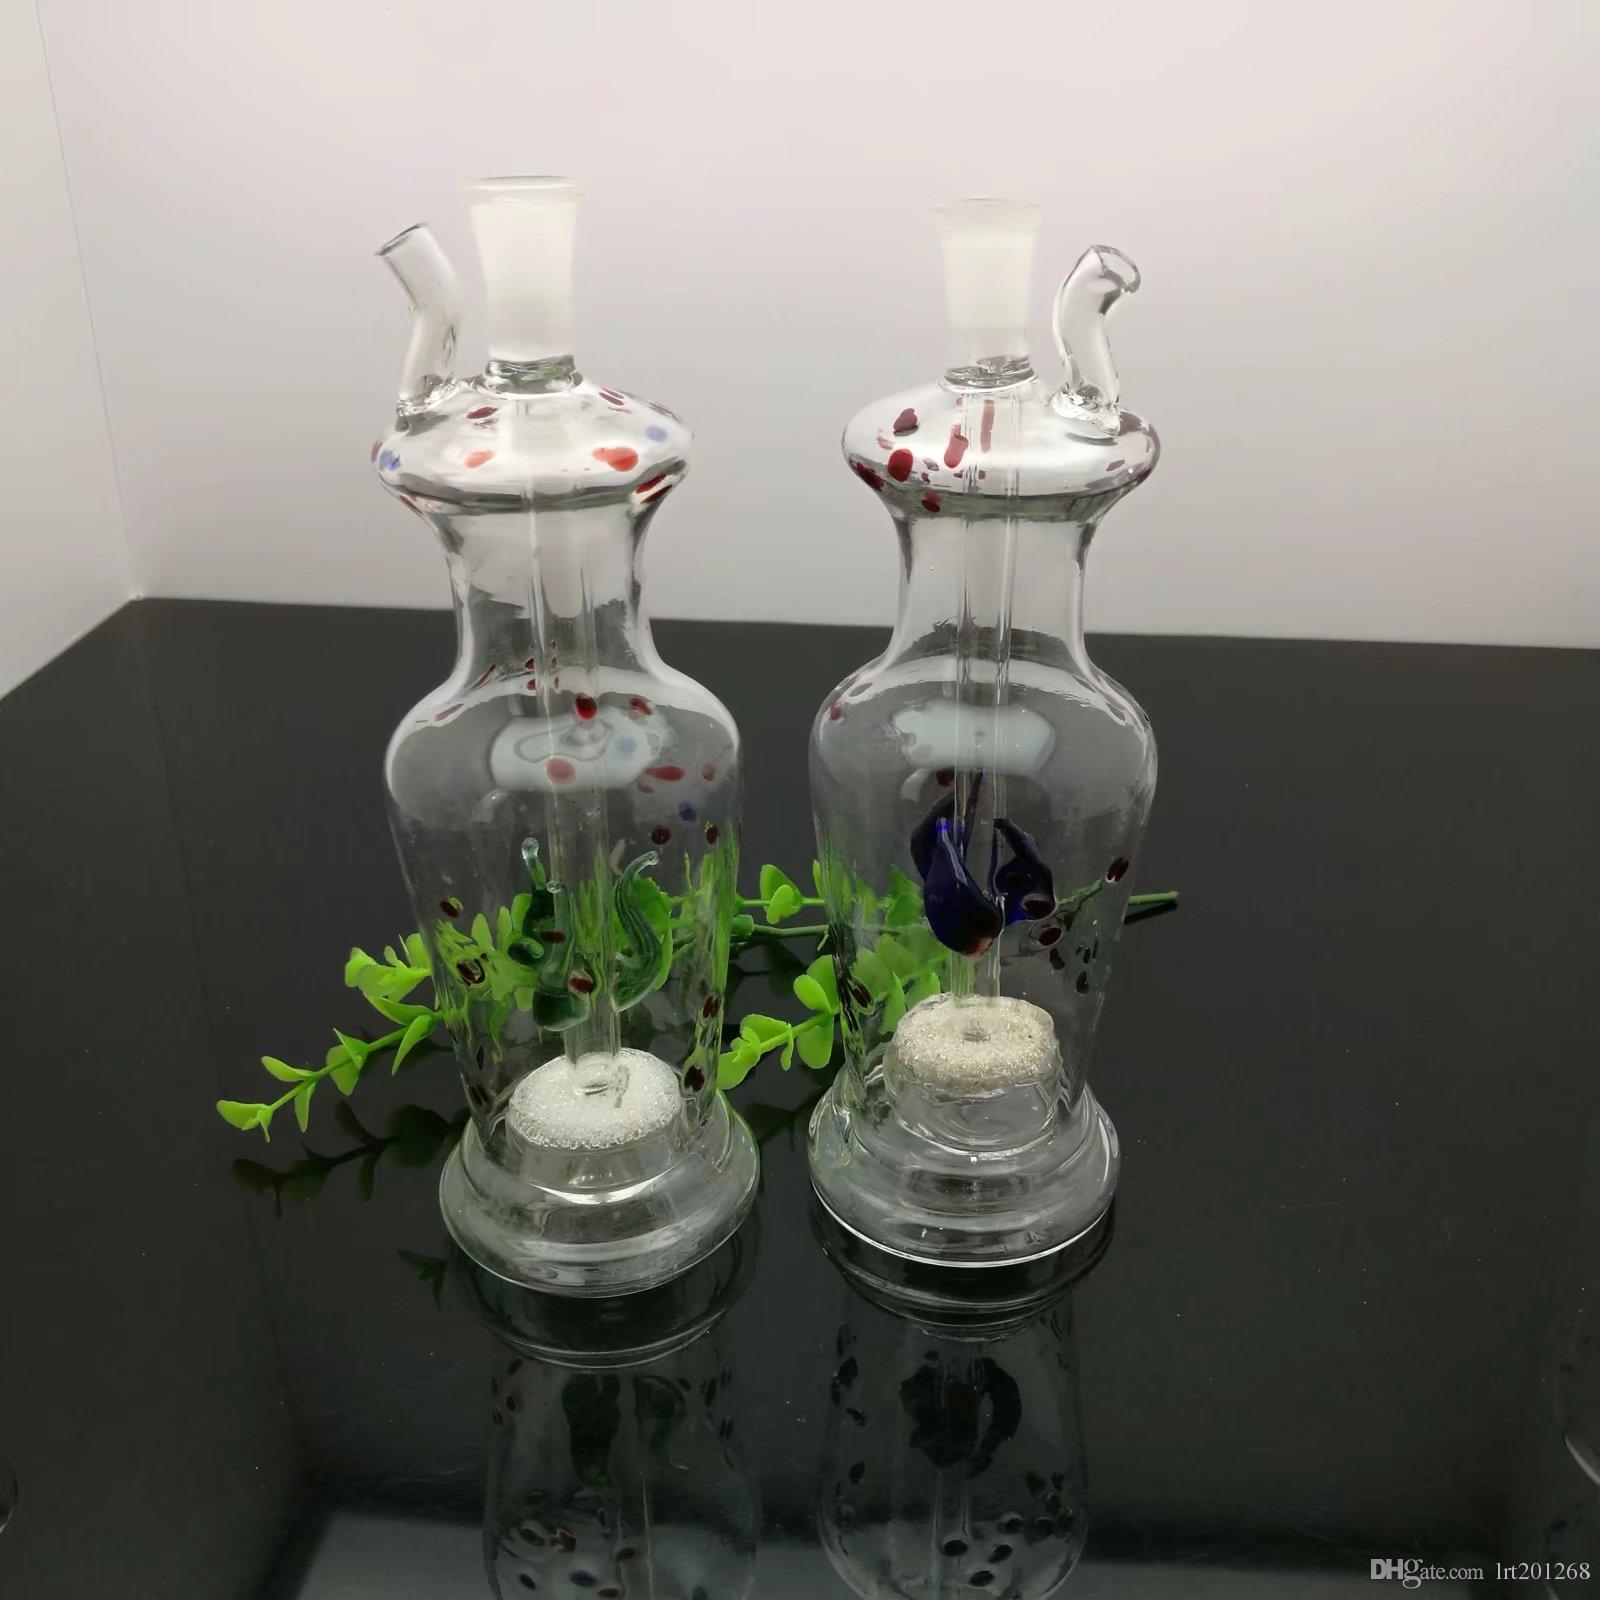 컬러 포인트 모래 코어 필터 꽃병 유리 물 병 도매 유리 기억 만 석유 버너 유리 물 파이프 석유 굴착 흡연